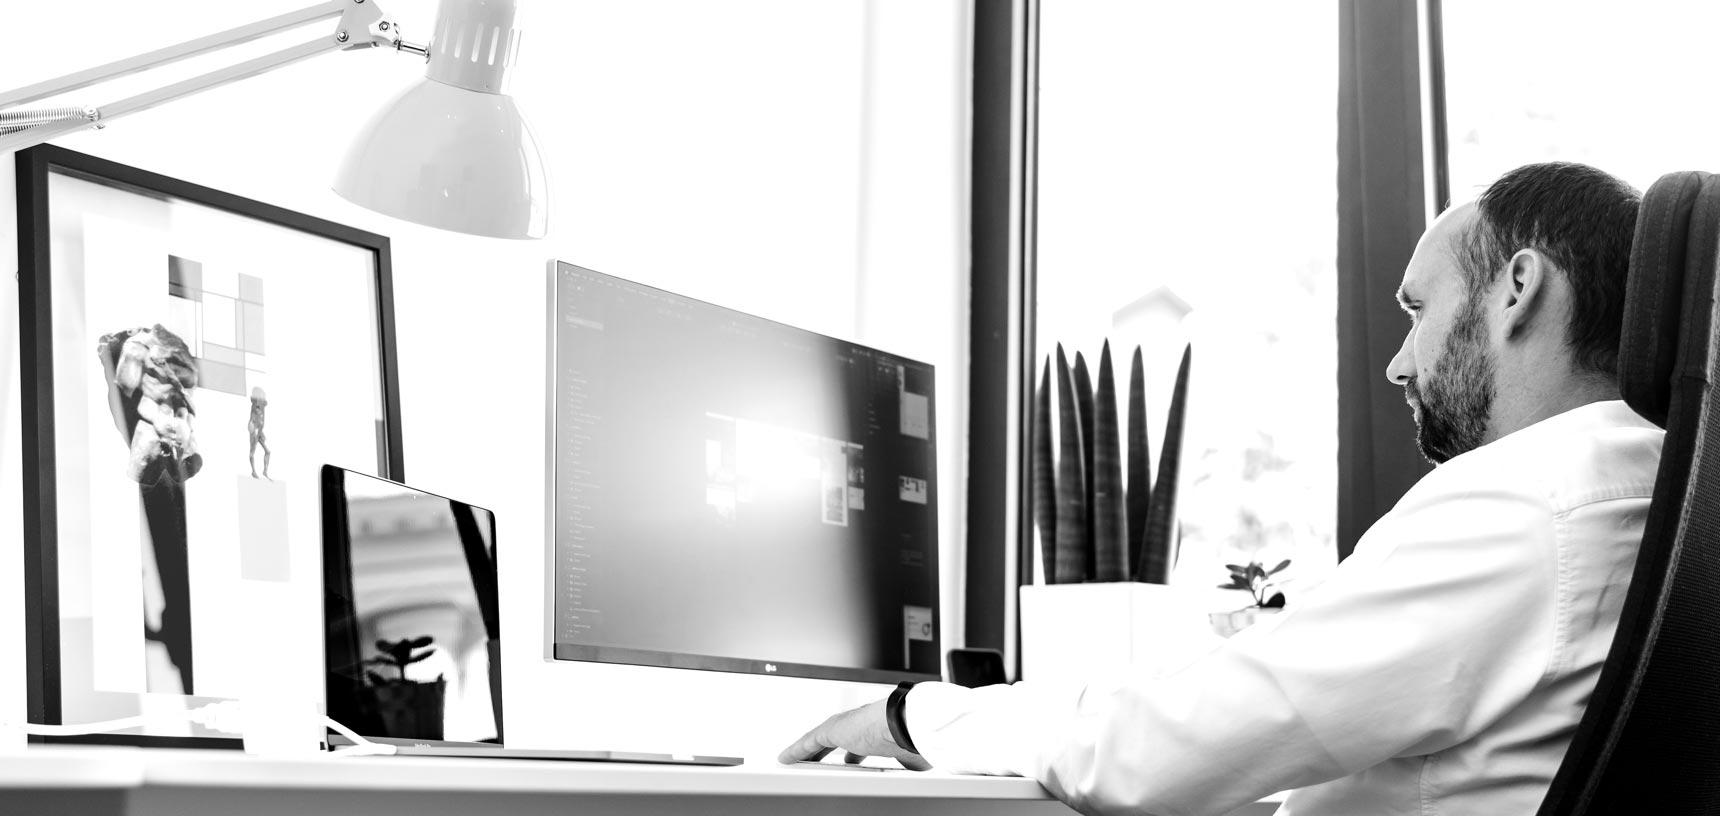 Pedja Zdravkovic at his workstation looking at the computer